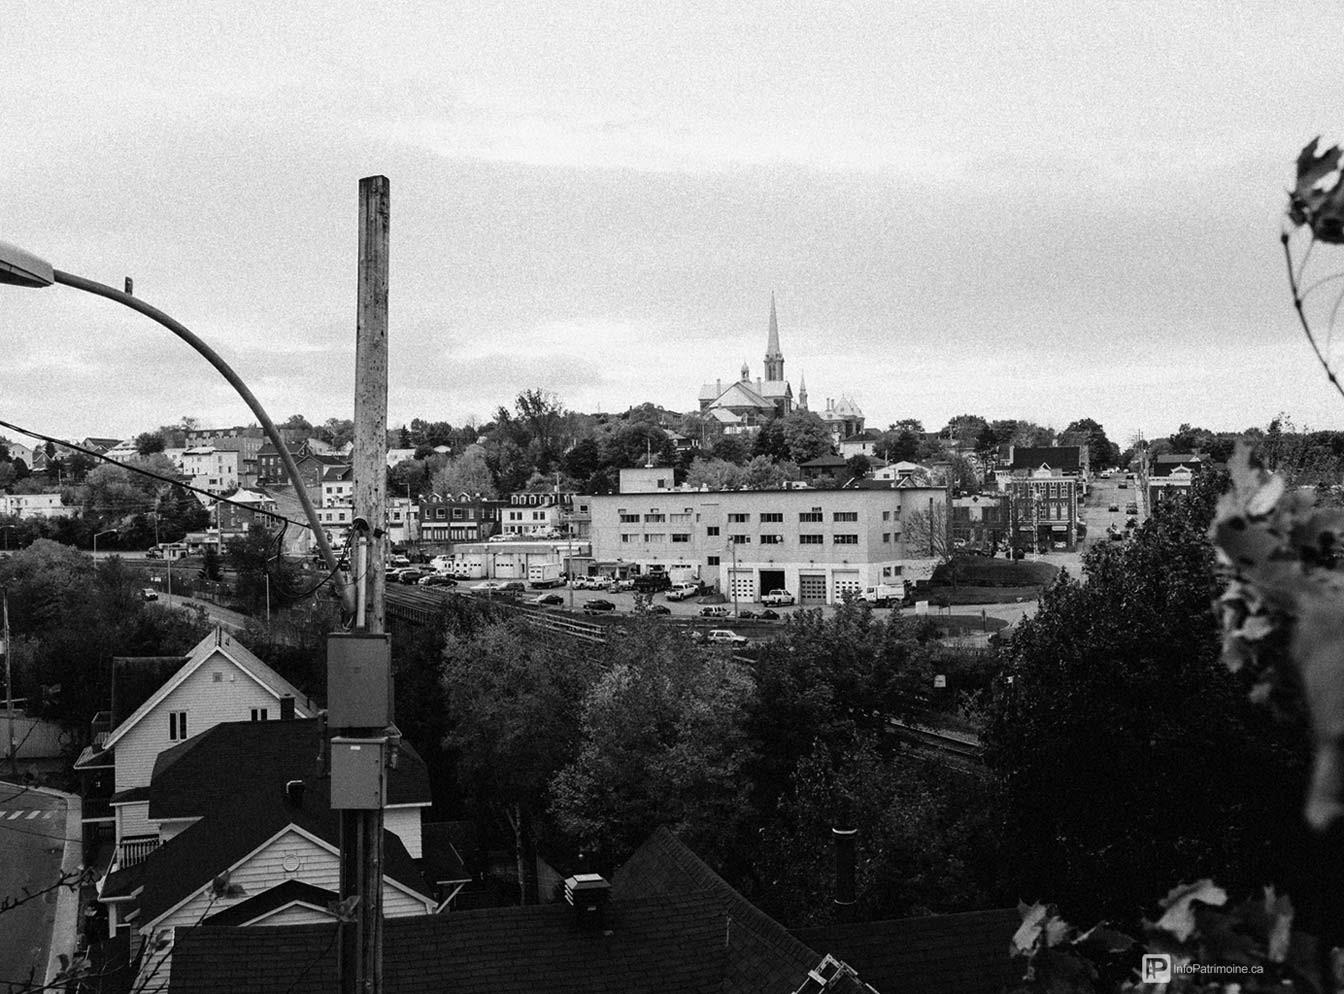 Rivière-du-Loup - Quartier Saint-Ludger (Auteur : Nicolas Gagnon)